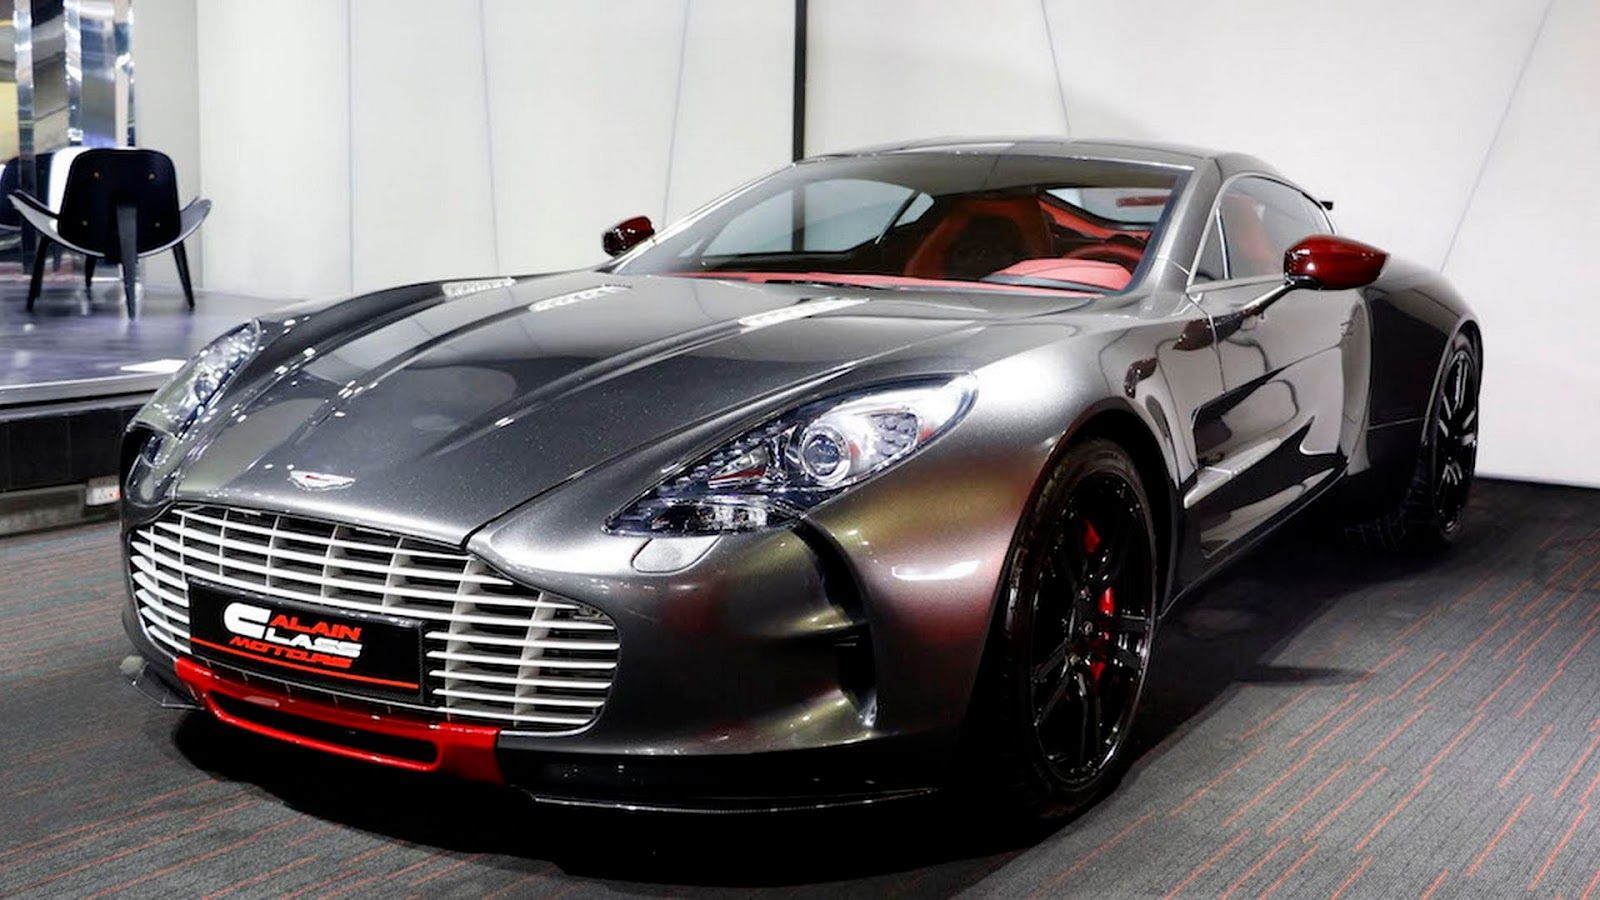 Ultra Rare Aston Martin One 77 Q Series For Sale In Dubai Aston